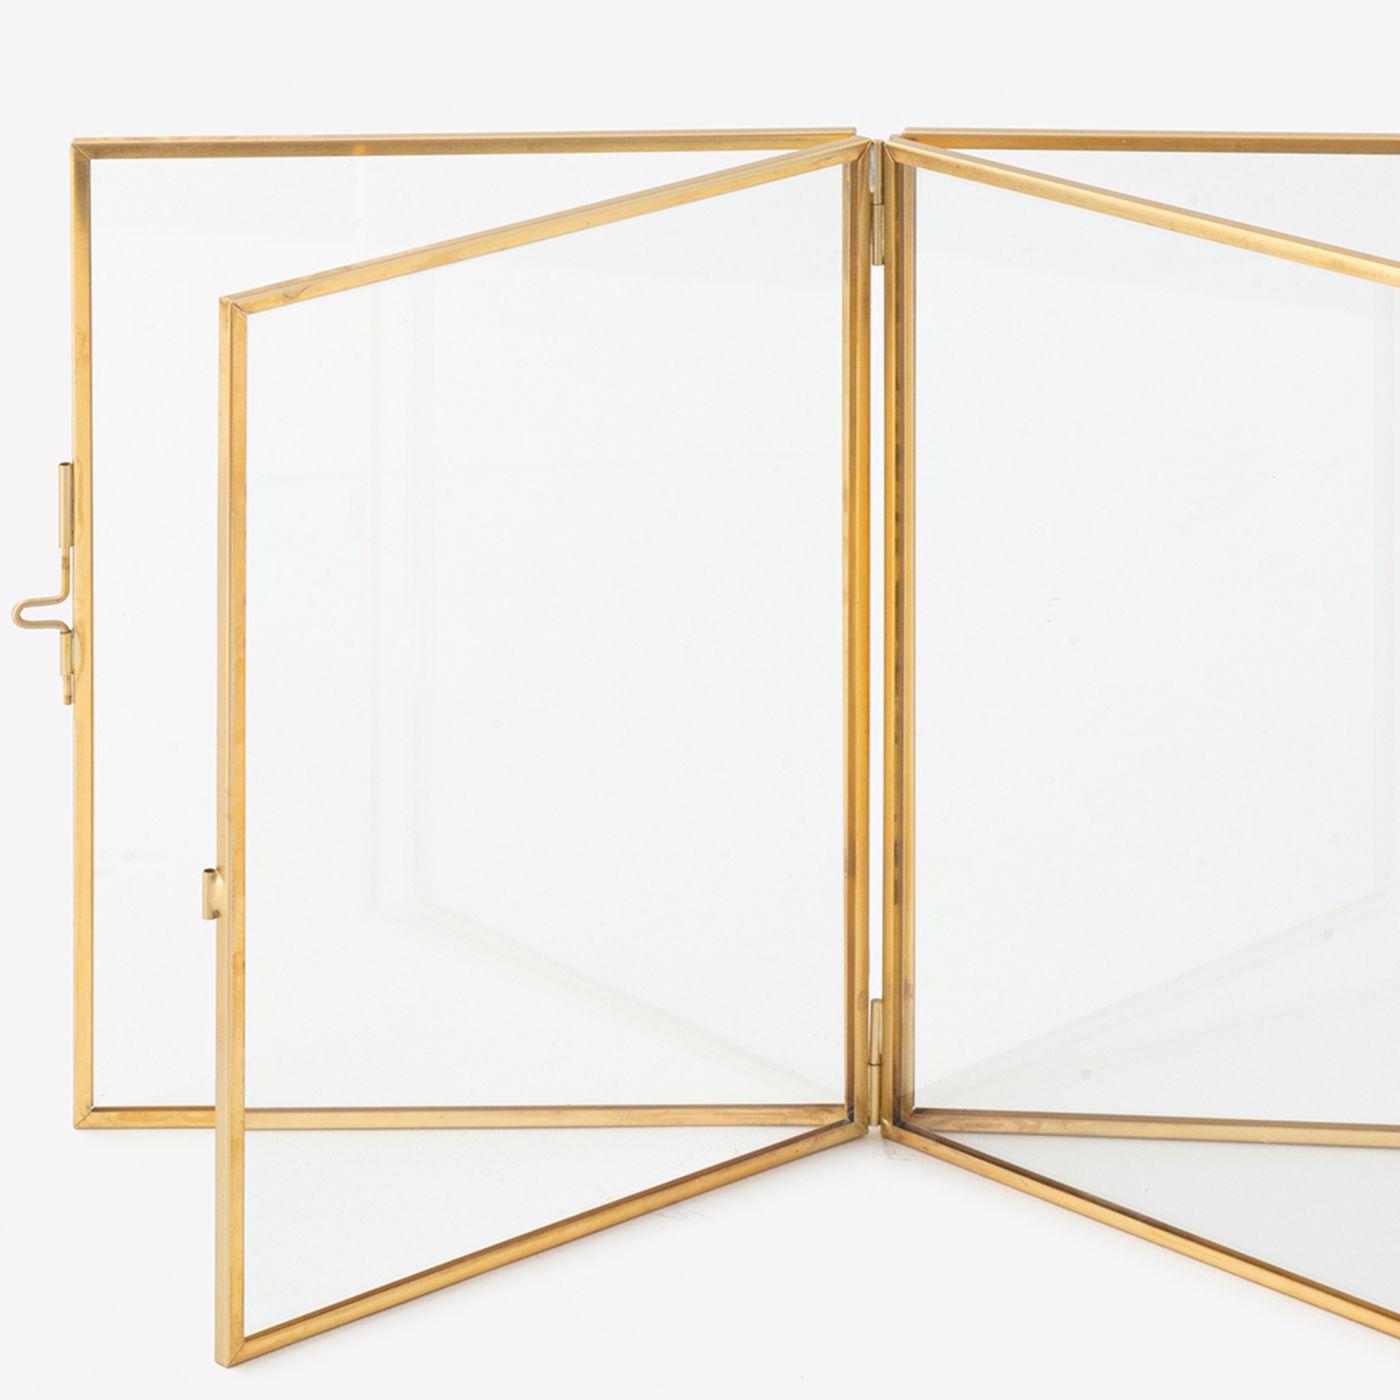 מסגרת כפולה לתמונה ANNA